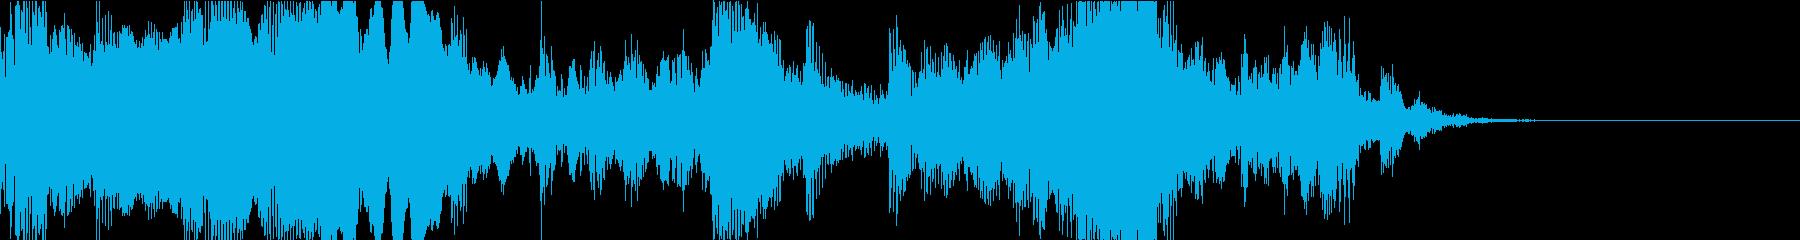 ダークなクラシックジングルの再生済みの波形